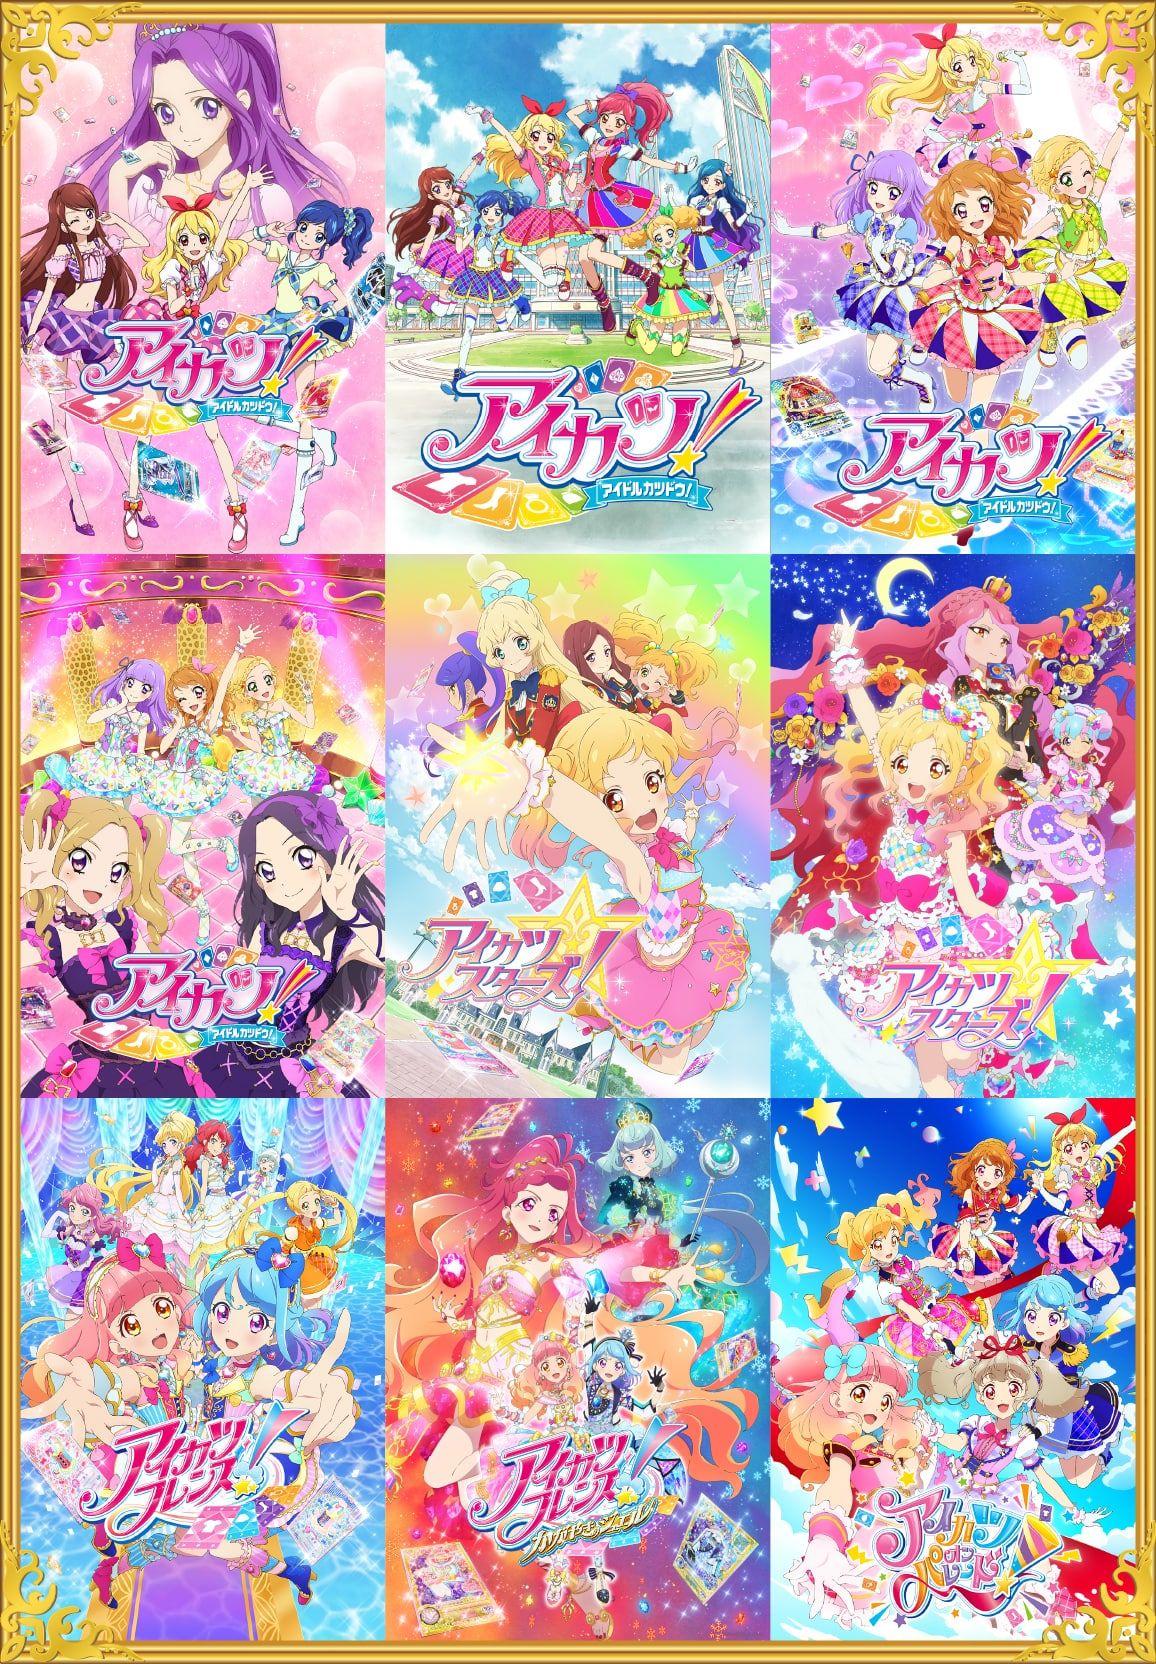 アイカツ ベストセレクション アイカツプラネット テレビ東京アニメ公式 かわいいアニメの壁紙 アニメの女の子のデッサン アニメ